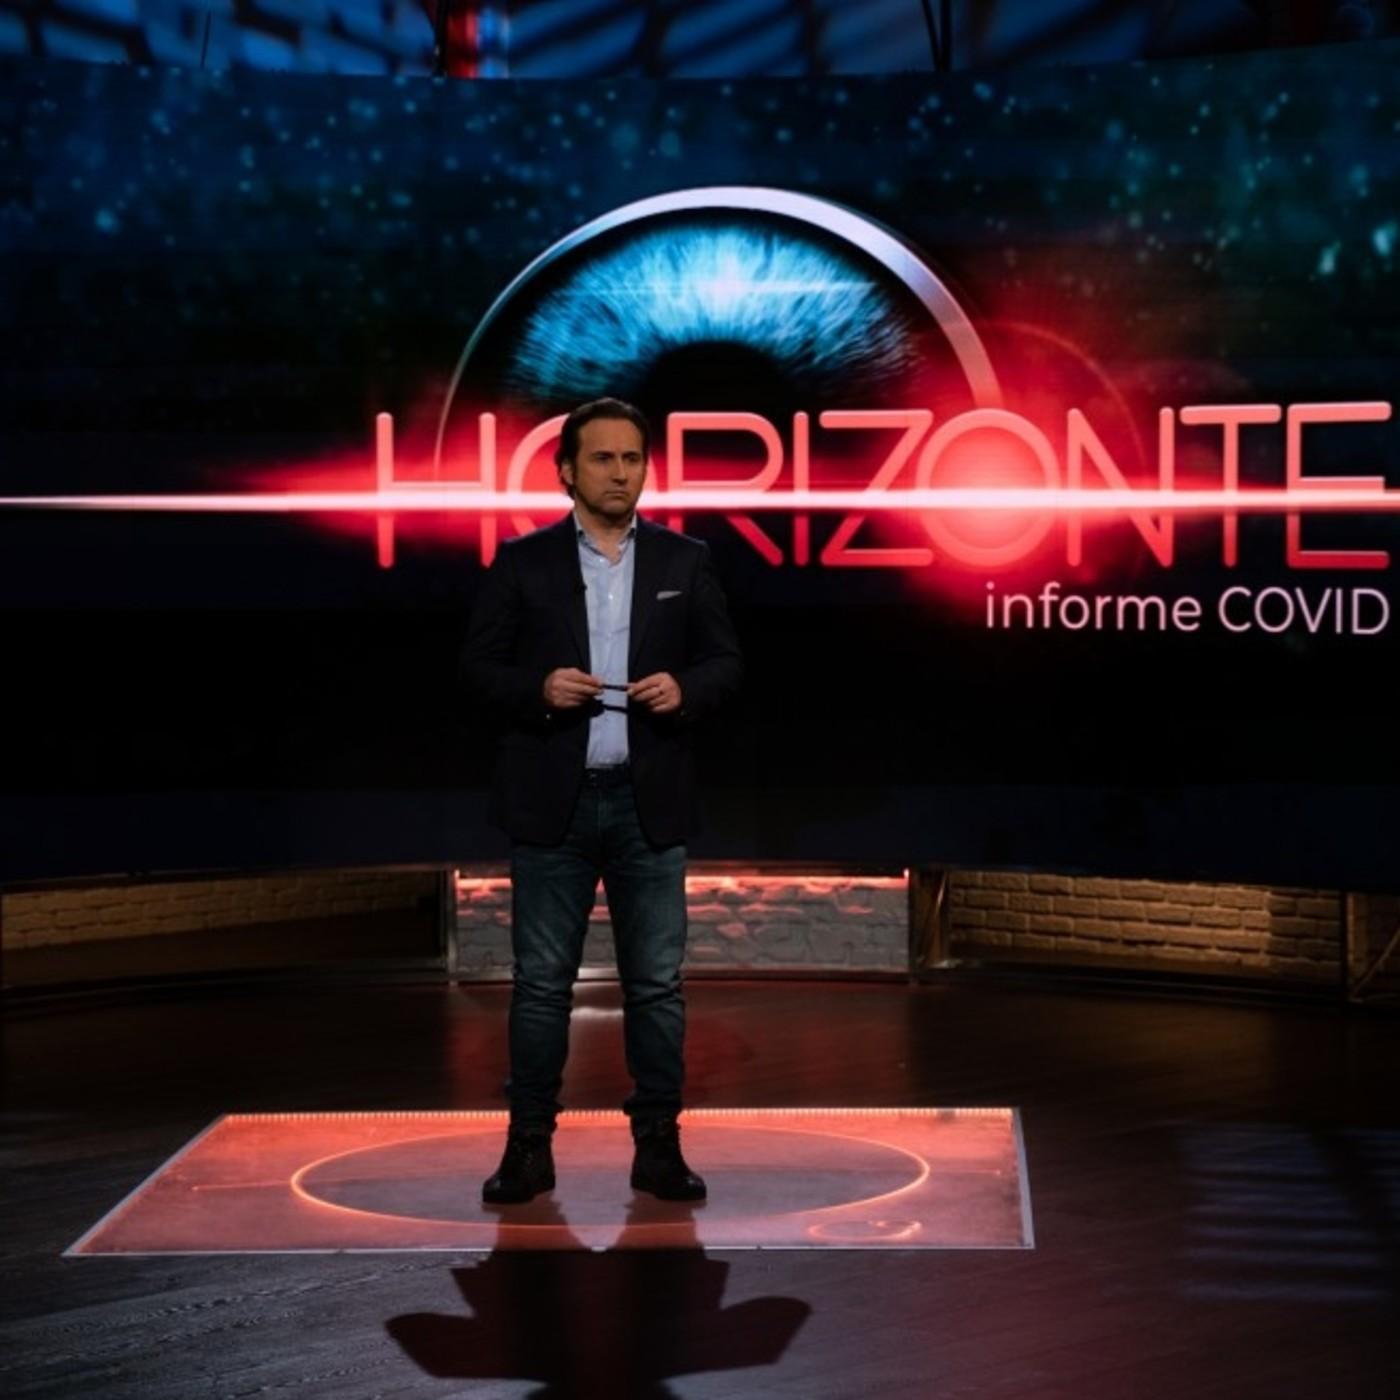 Especial Horizonte T2x02 (20-01-2021): La clave Qanon • ¿Censura en las redes? • Informe Covid